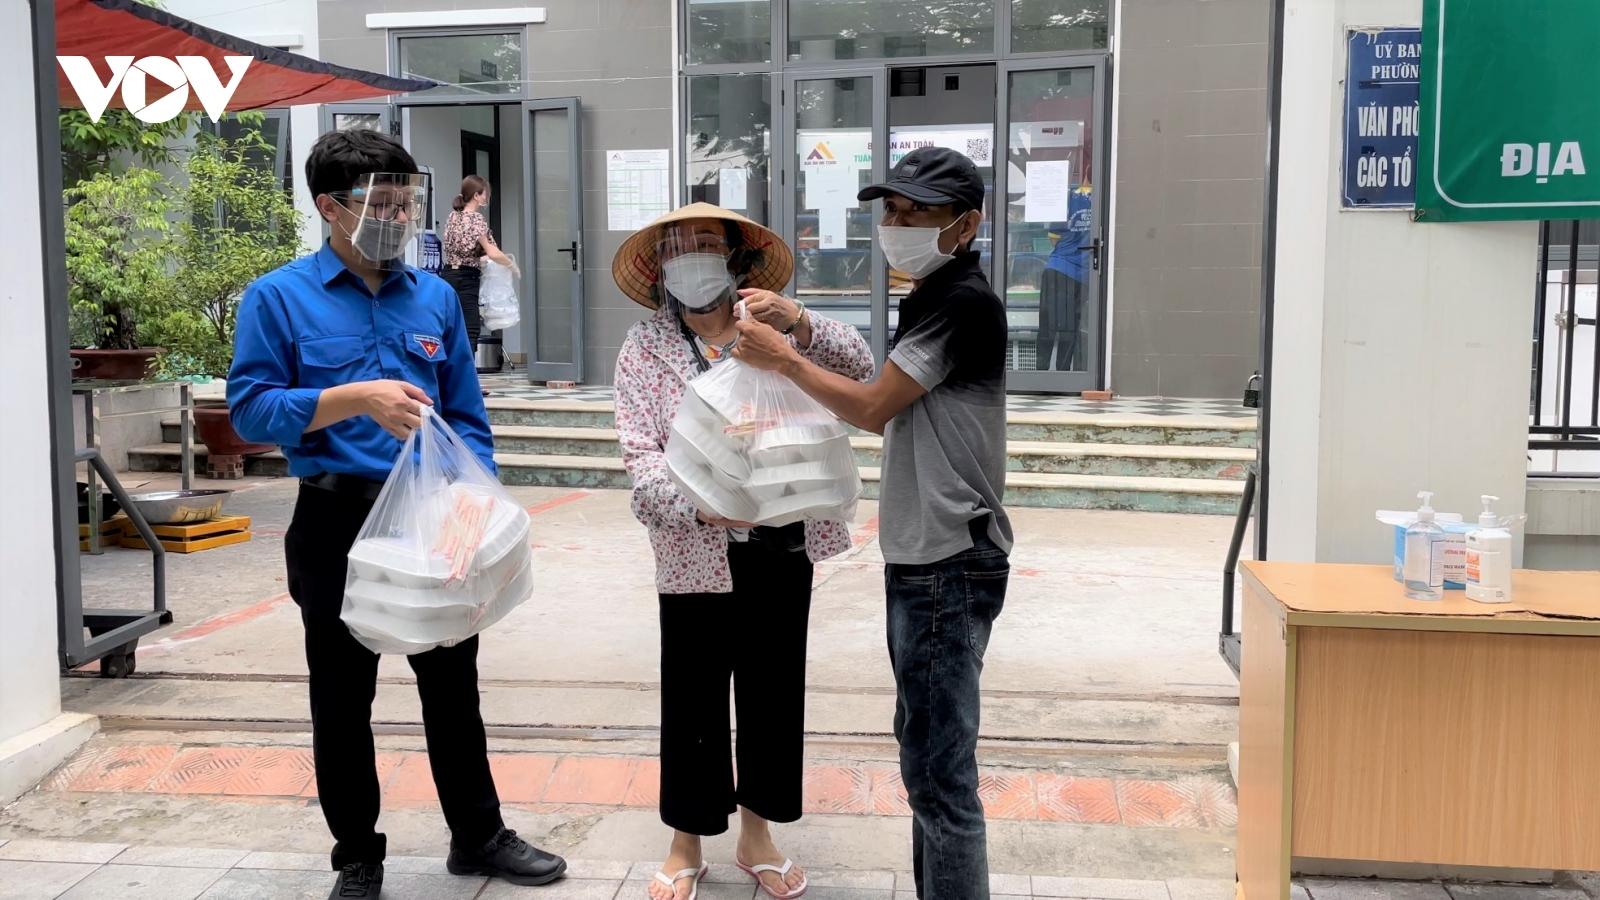 """Bếp ăn 0 đồng giúp người dân nghèo tại Hà Nội yên tâm """"ở tại chỗ"""" trong mùa dịch"""